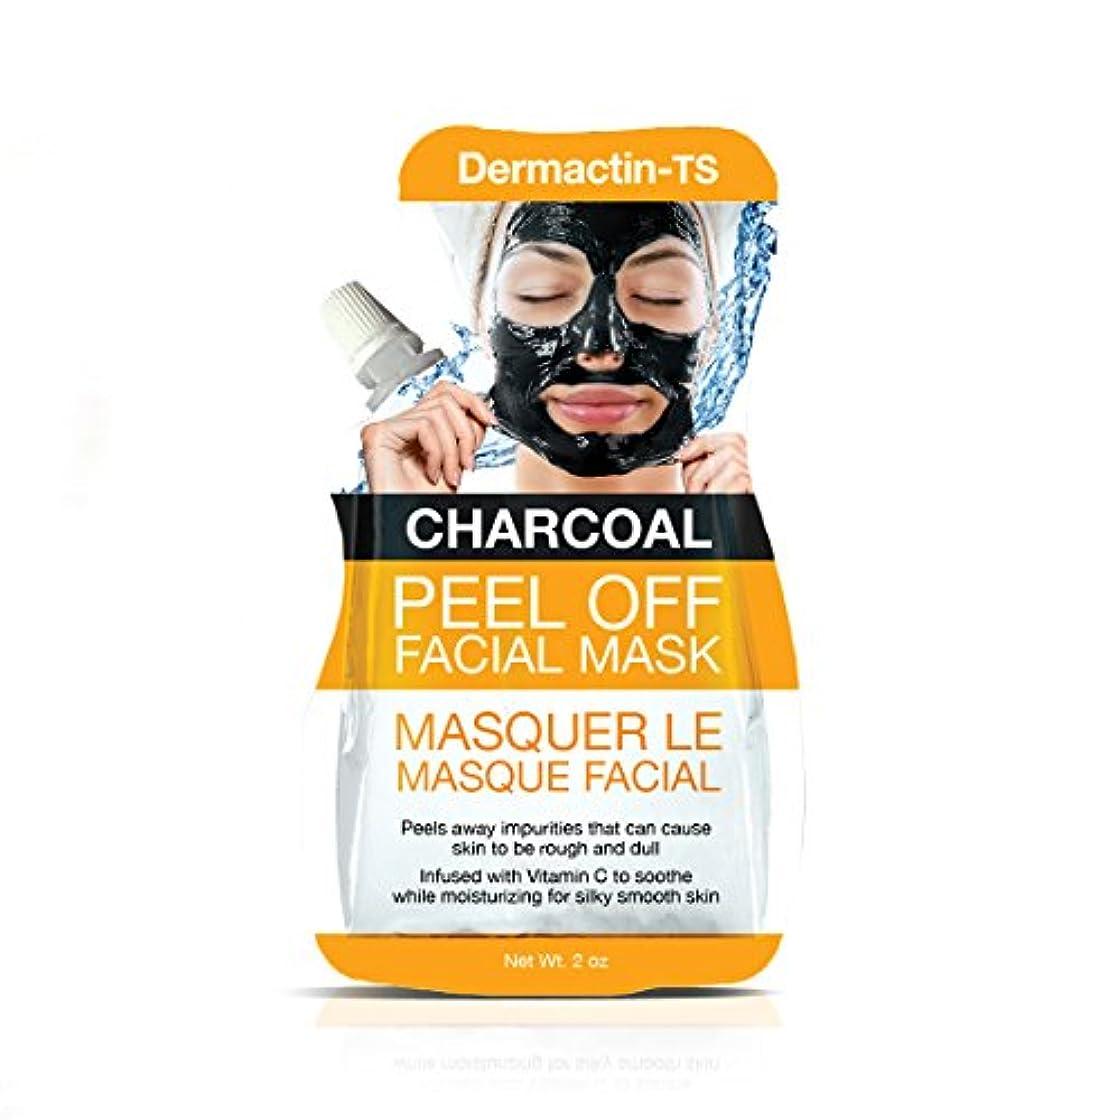 利用可能防腐剤無意識Dermactin-TS フェイシャルマスクチャコール50g(4パック) (並行輸入品)